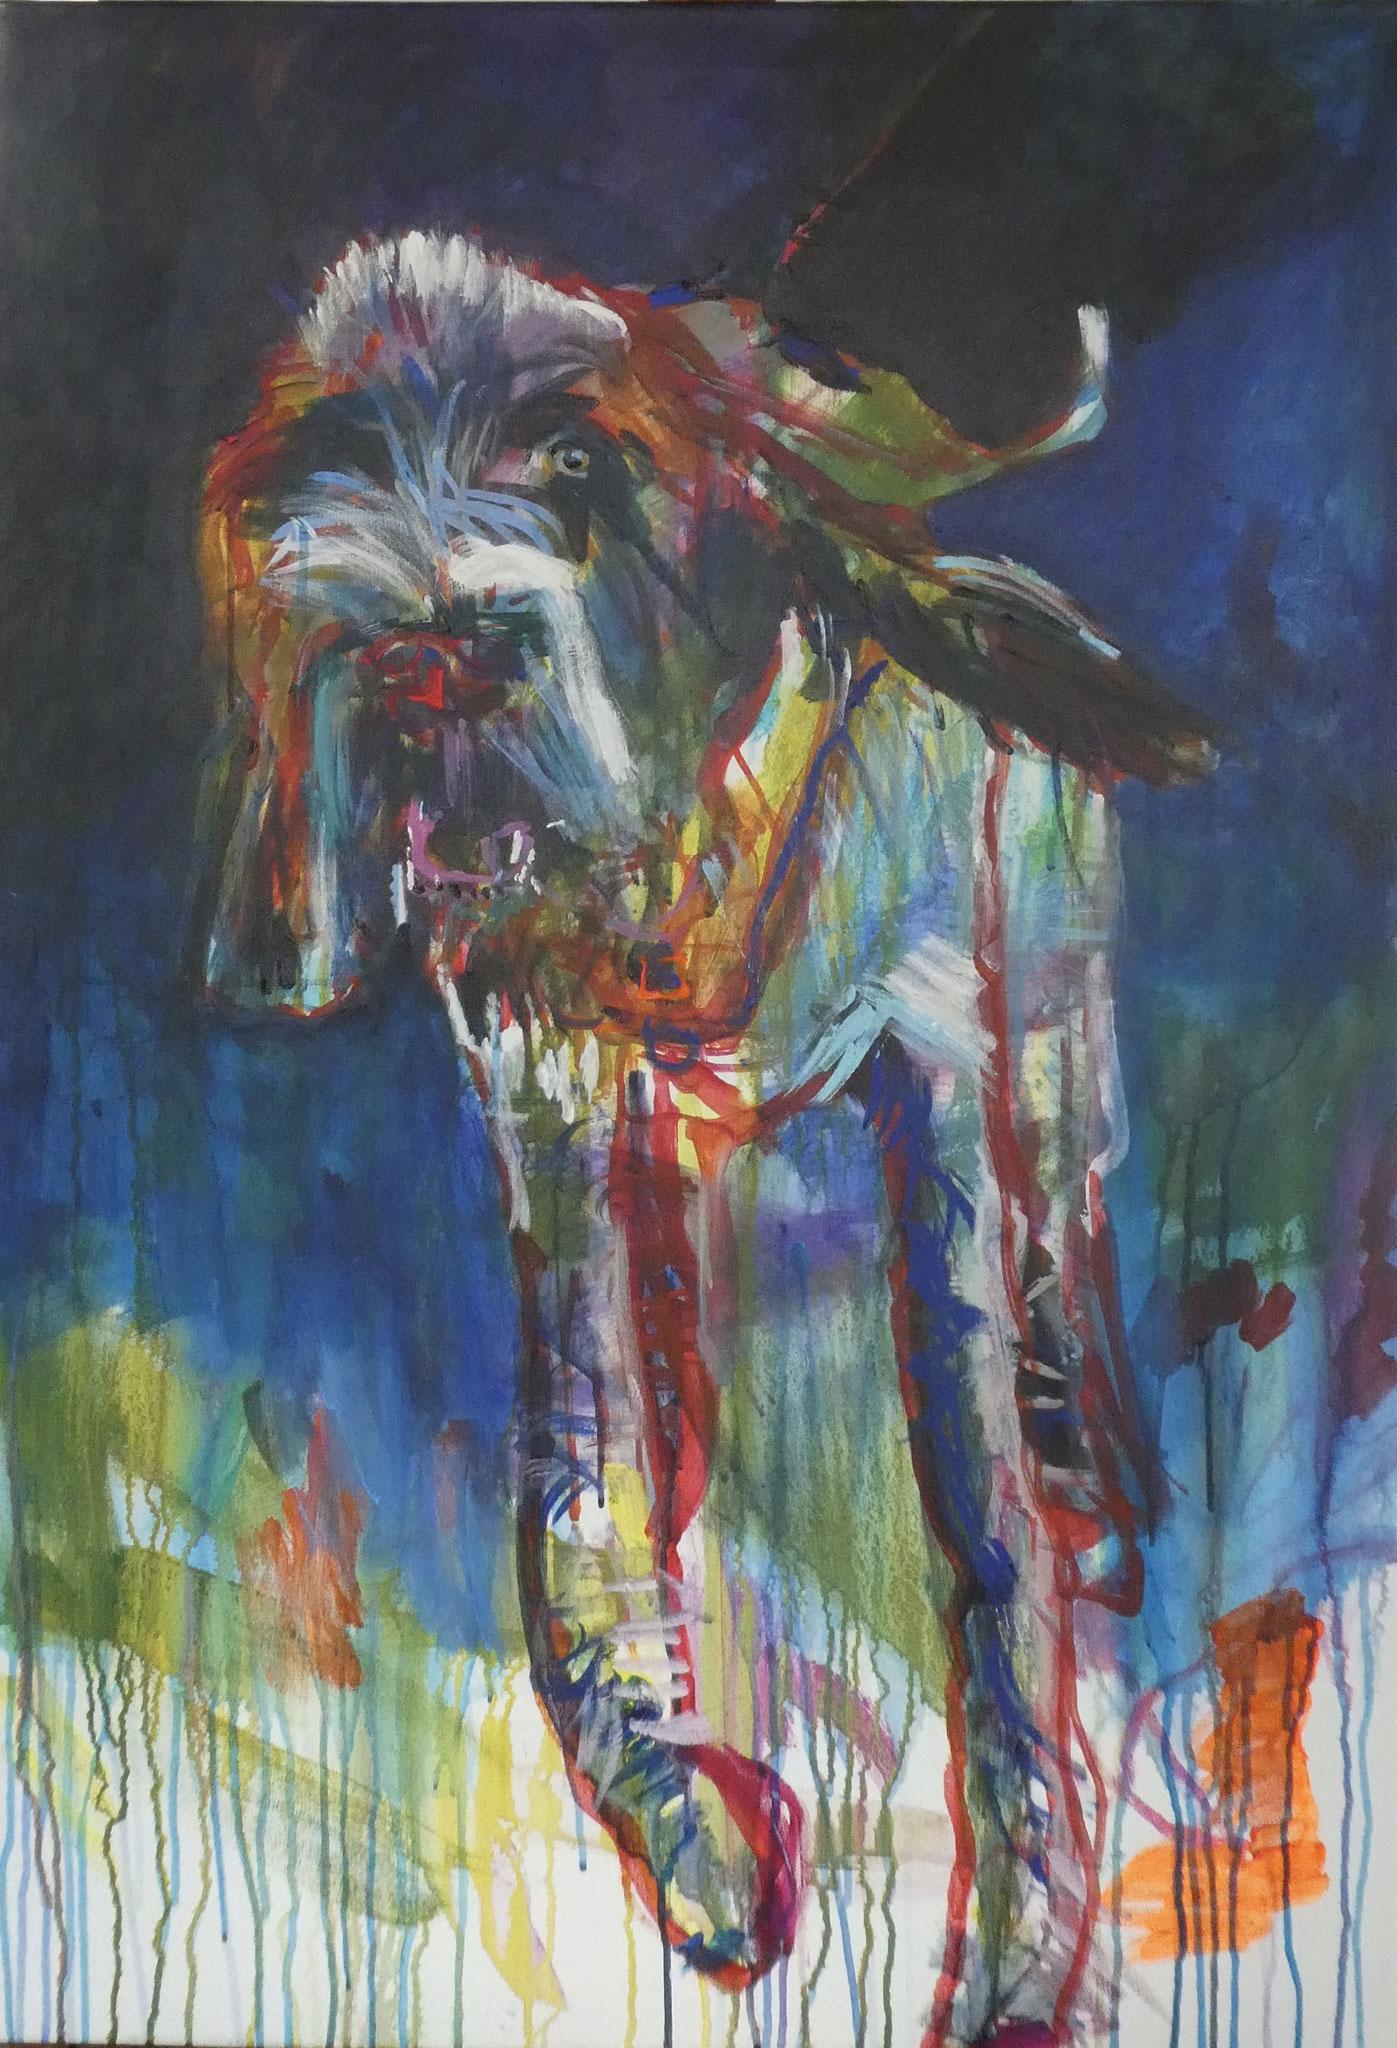 Hund 2, 100x70, acrylic on canvas